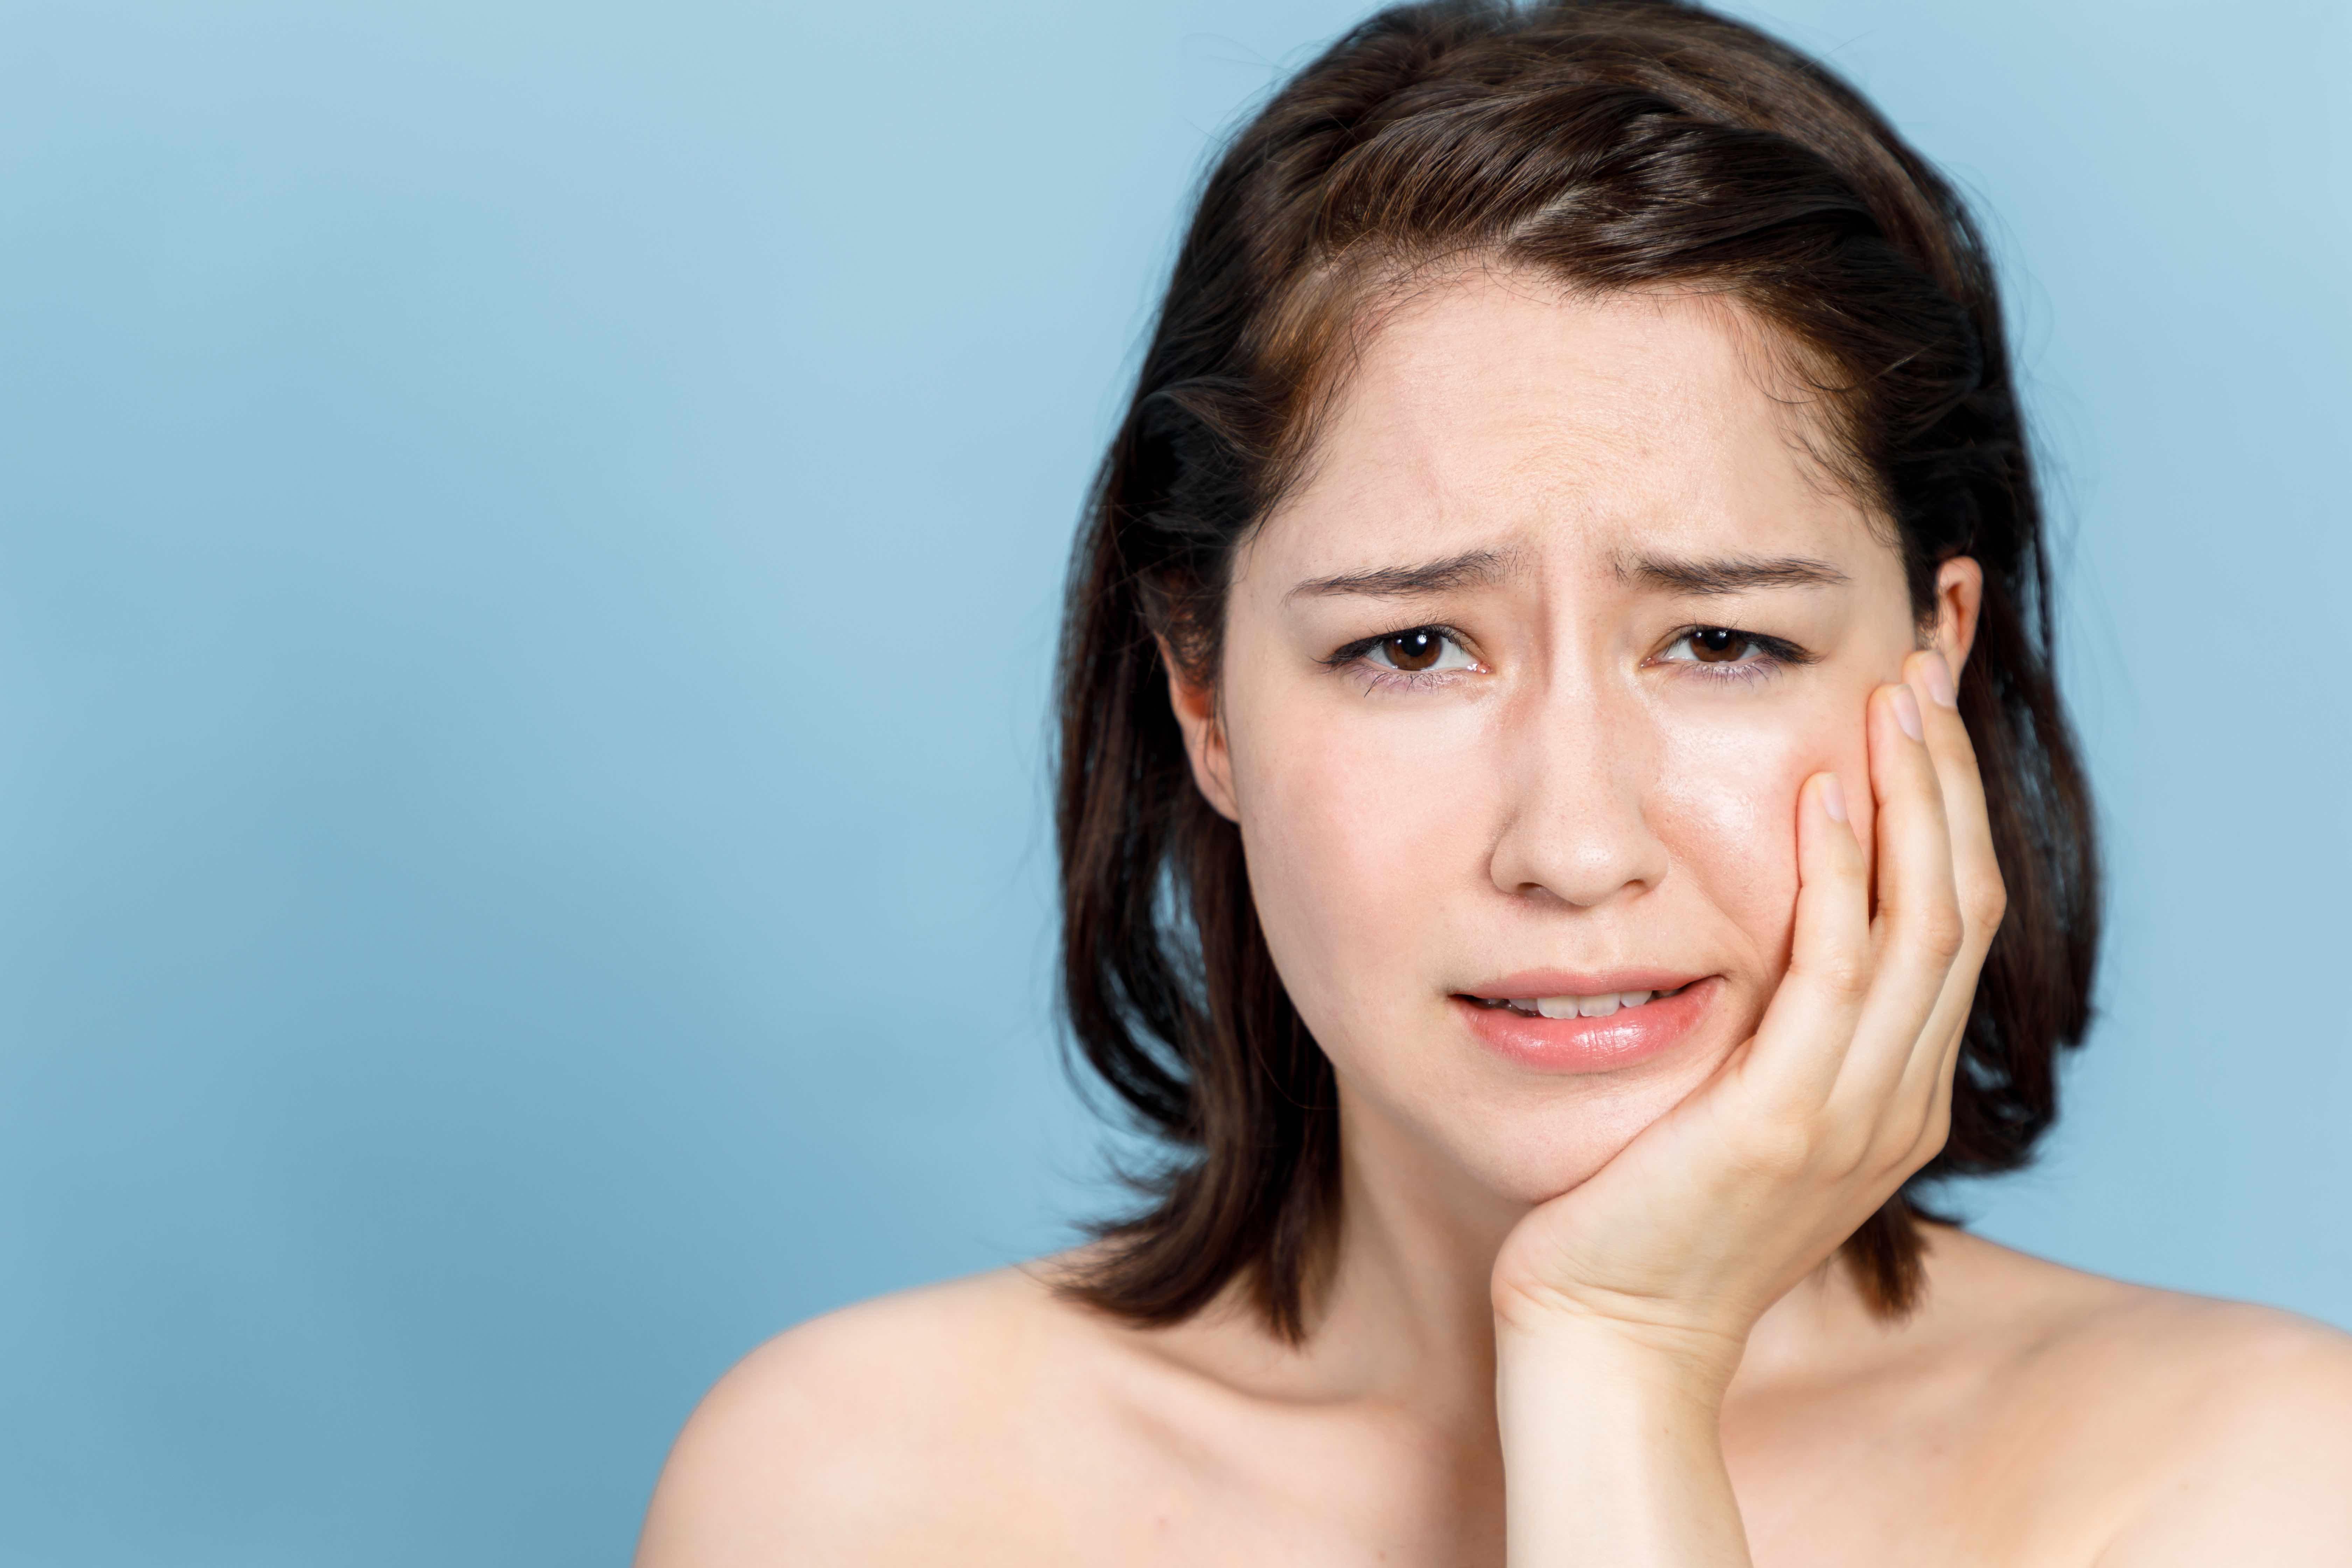 治療したばかりの銀歯が痛むのは象牙細管のせい?噛み合わせのせい?